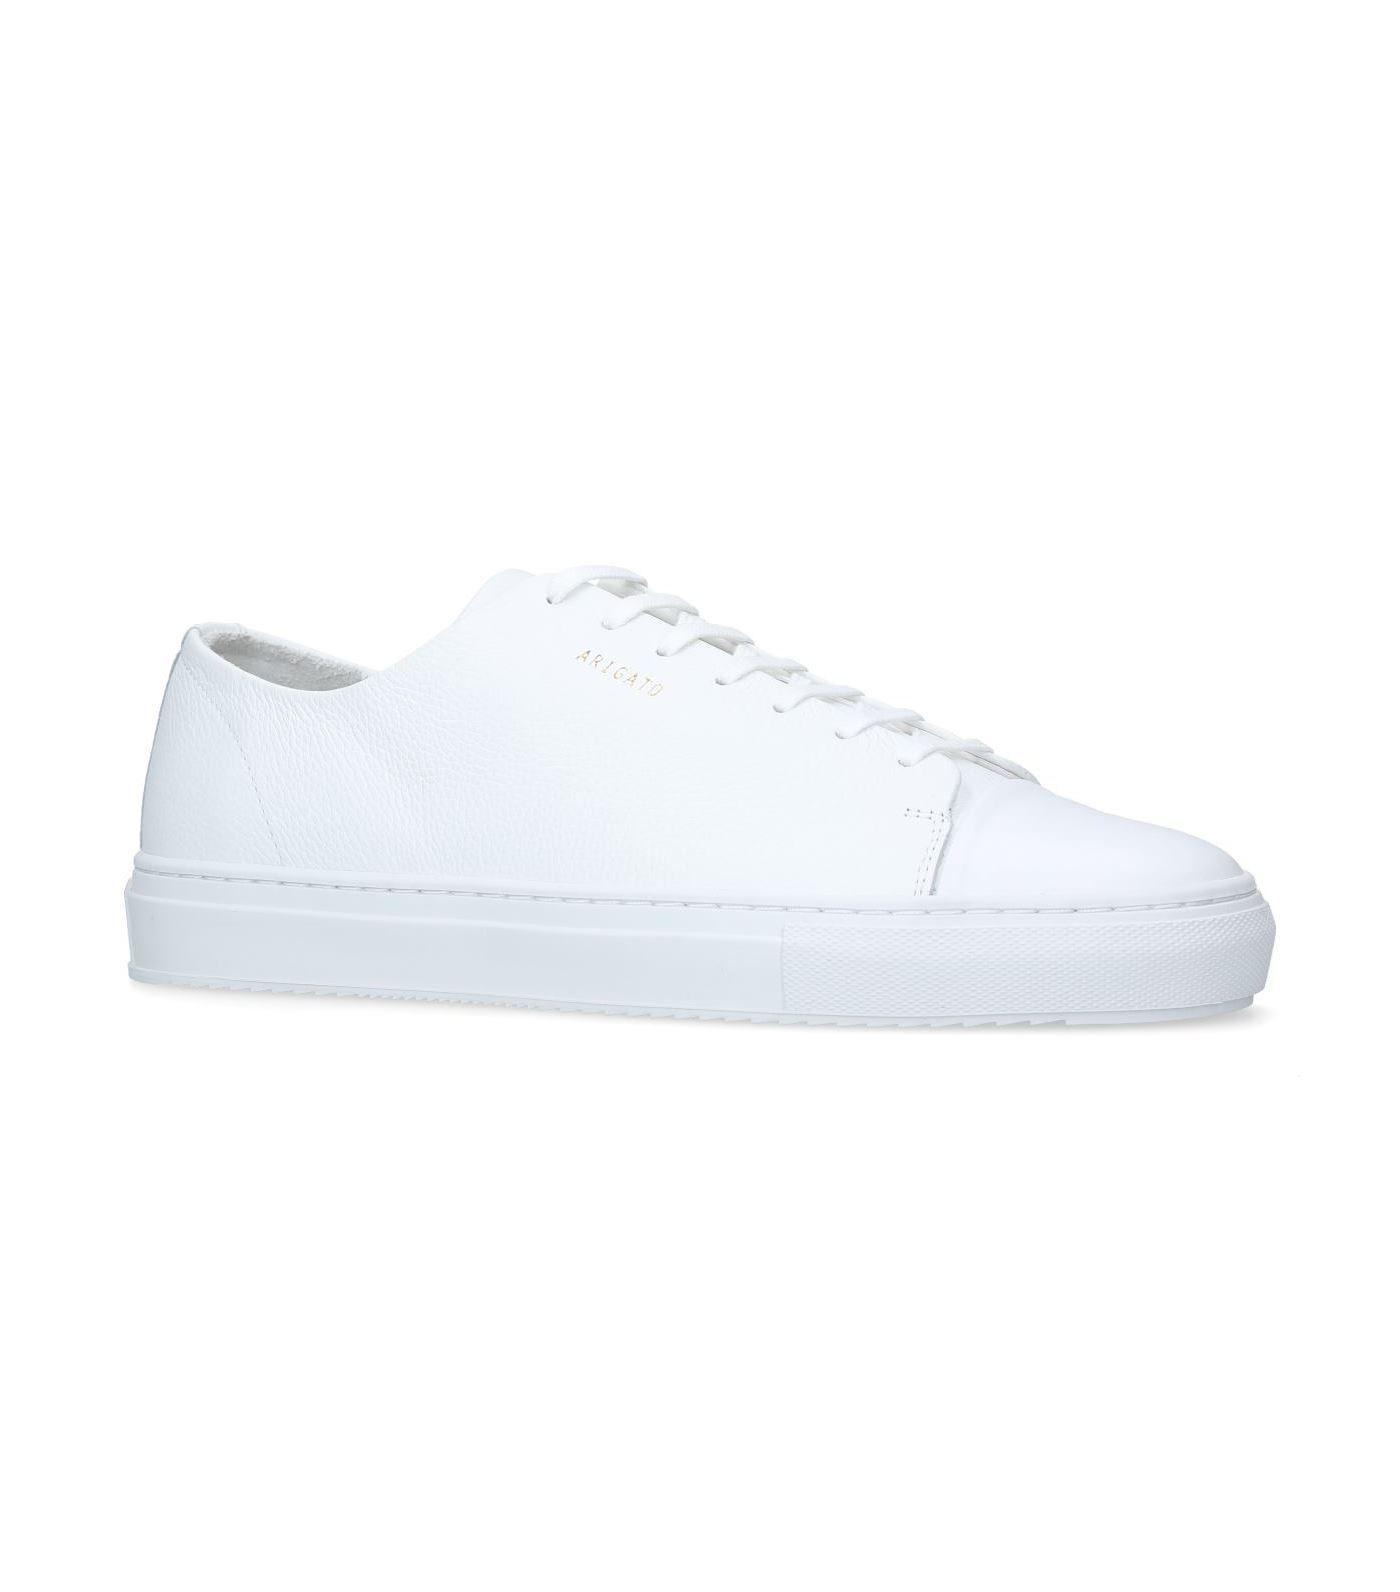 7298b85cb39e Lyst - Axel Arigato Leather Cap-toe Sneakers in White